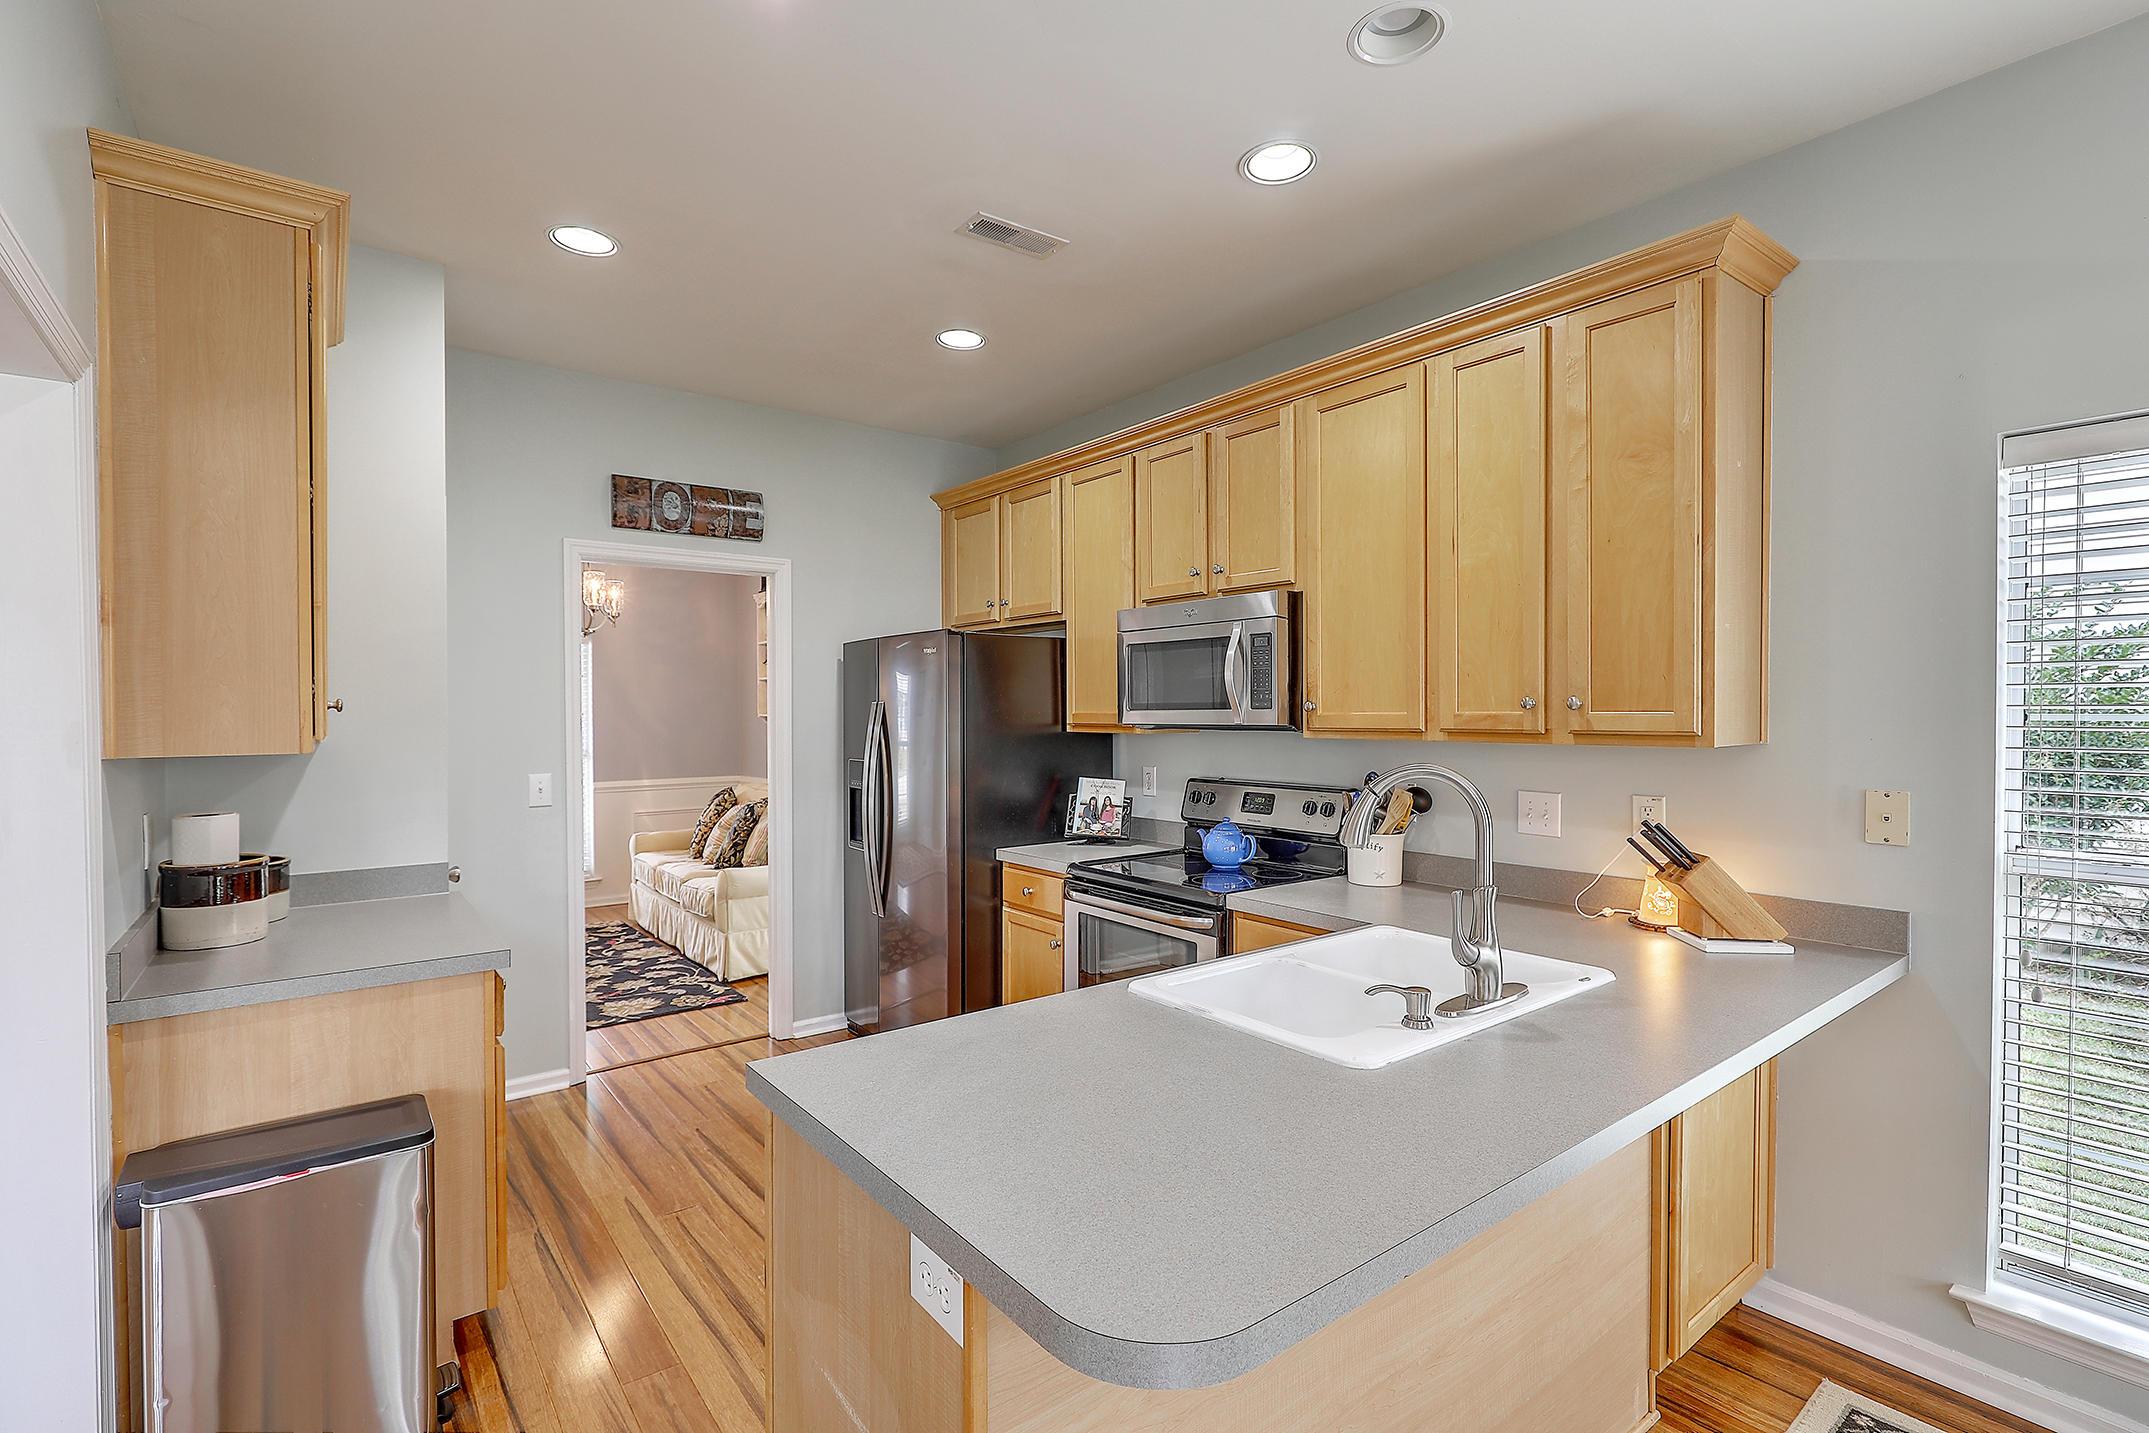 Park West Homes For Sale - 2388 Parsonage Woods, Mount Pleasant, SC - 14